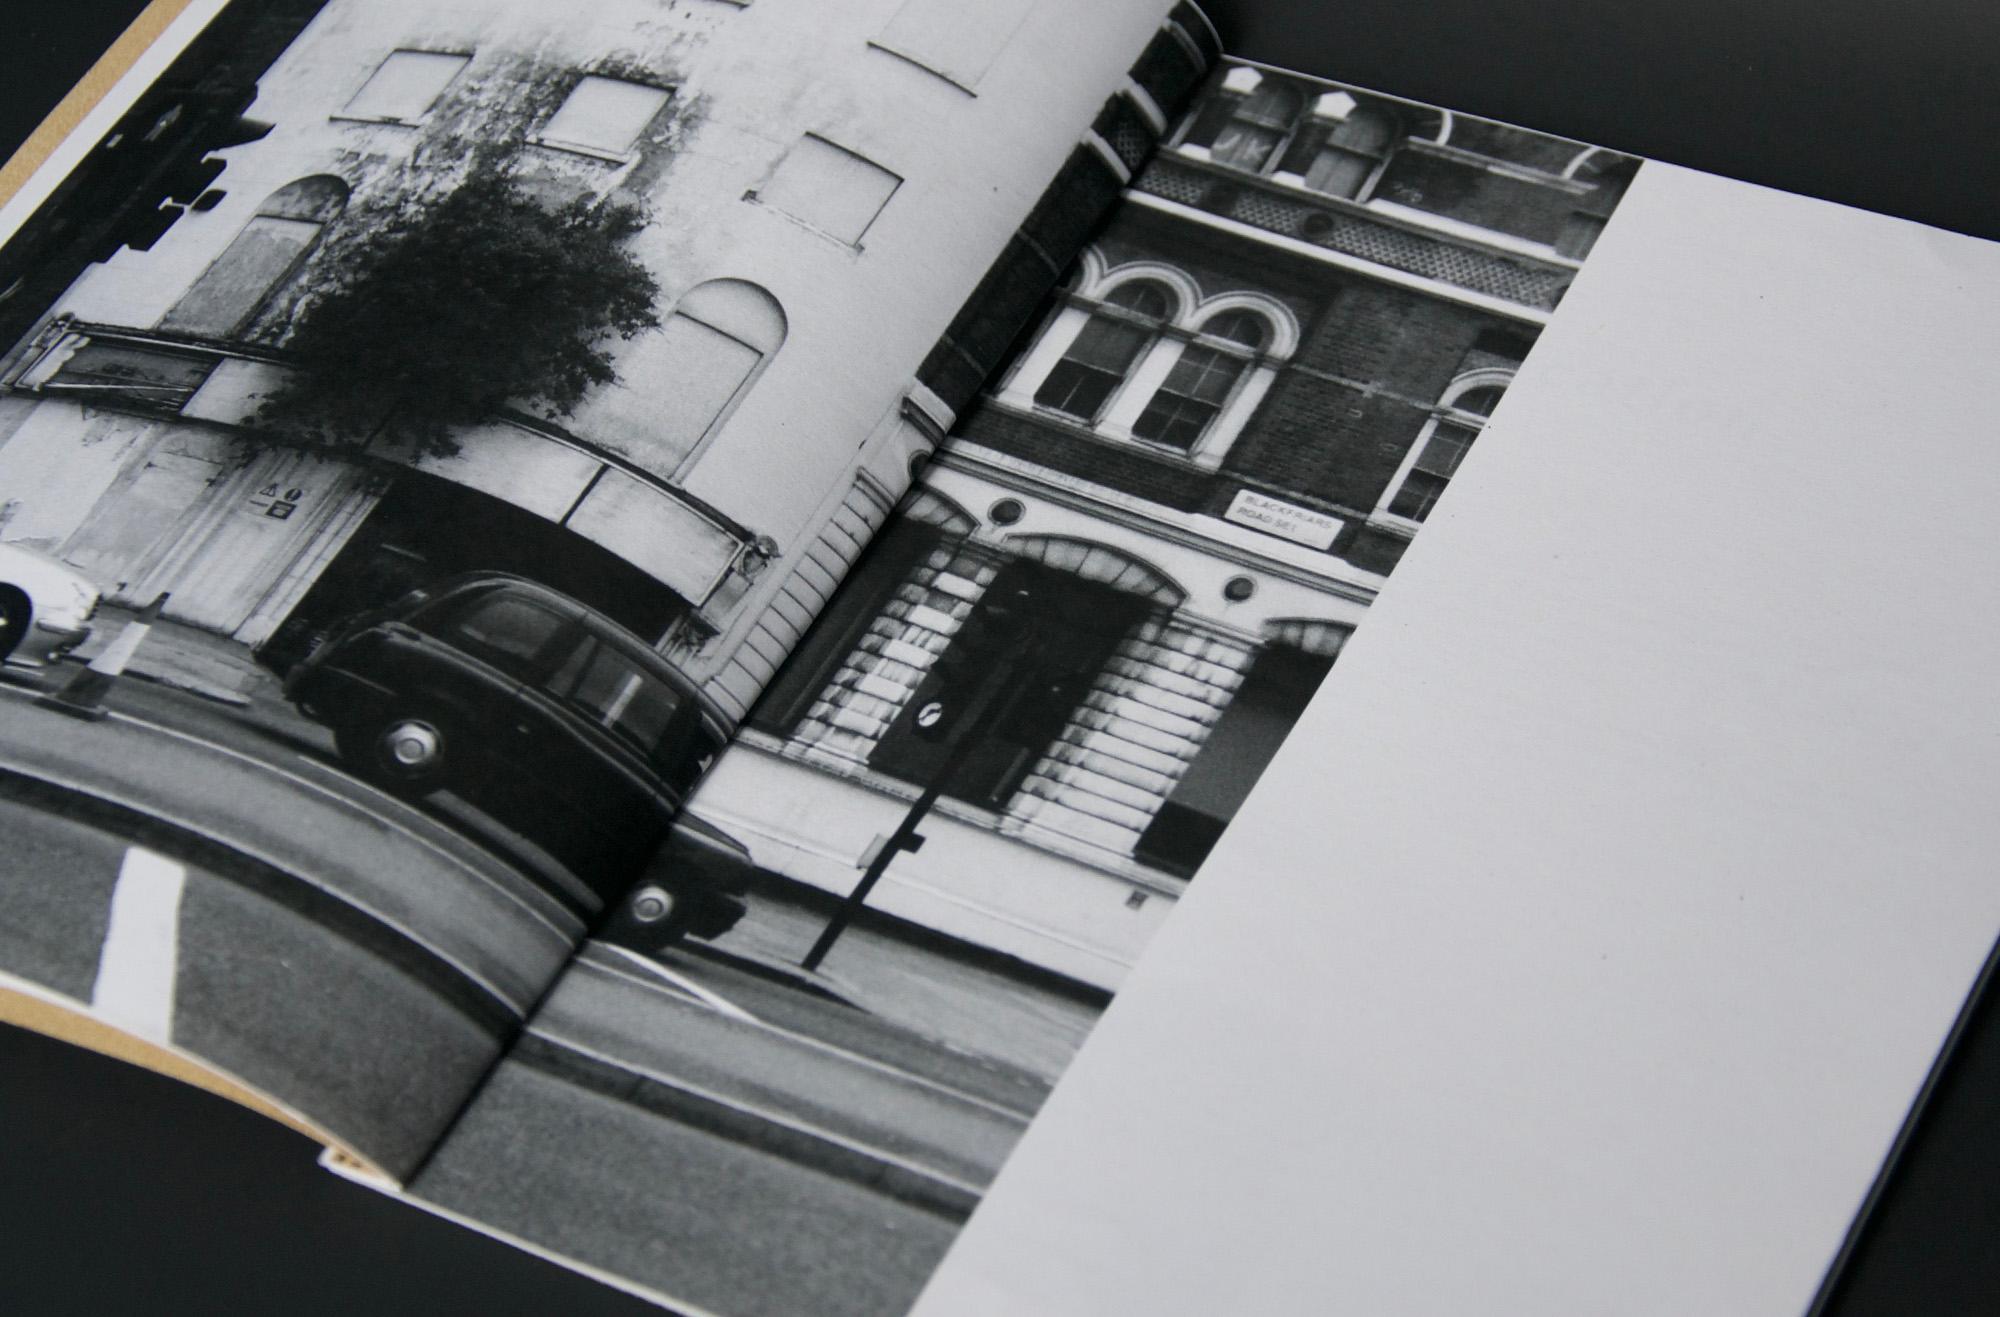 photos_page4.jpg